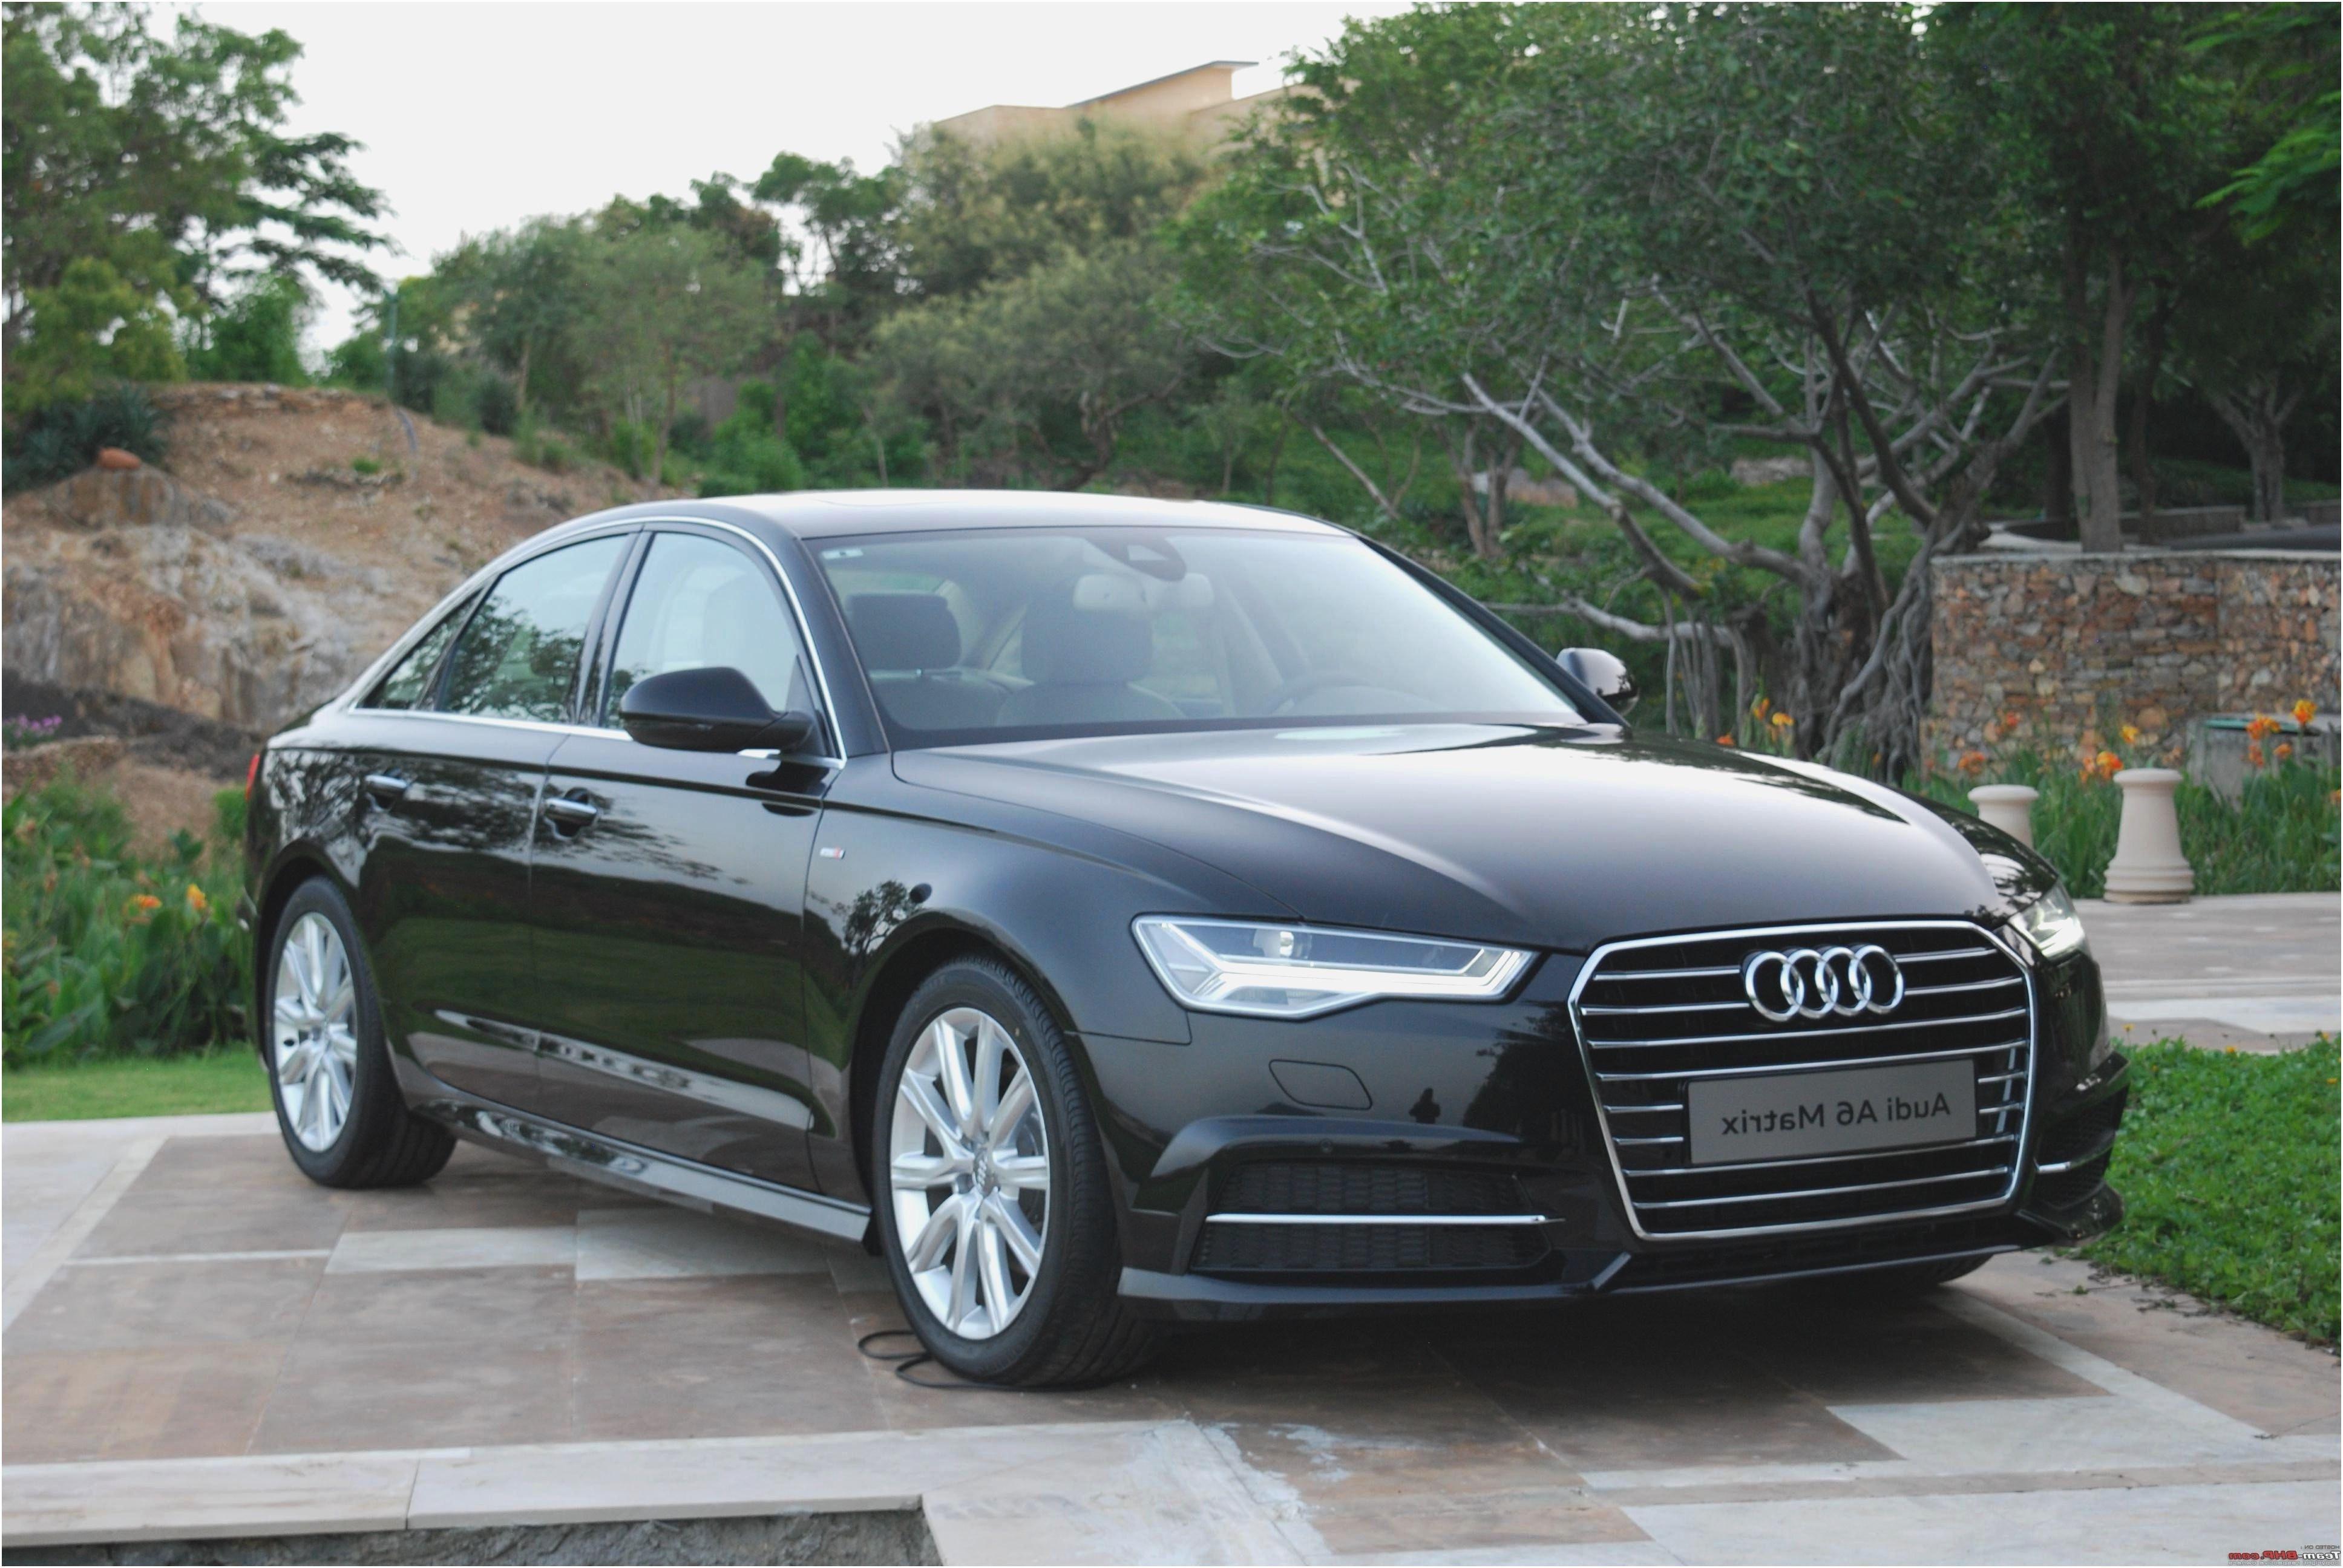 2019 Audi Q7 Check more at